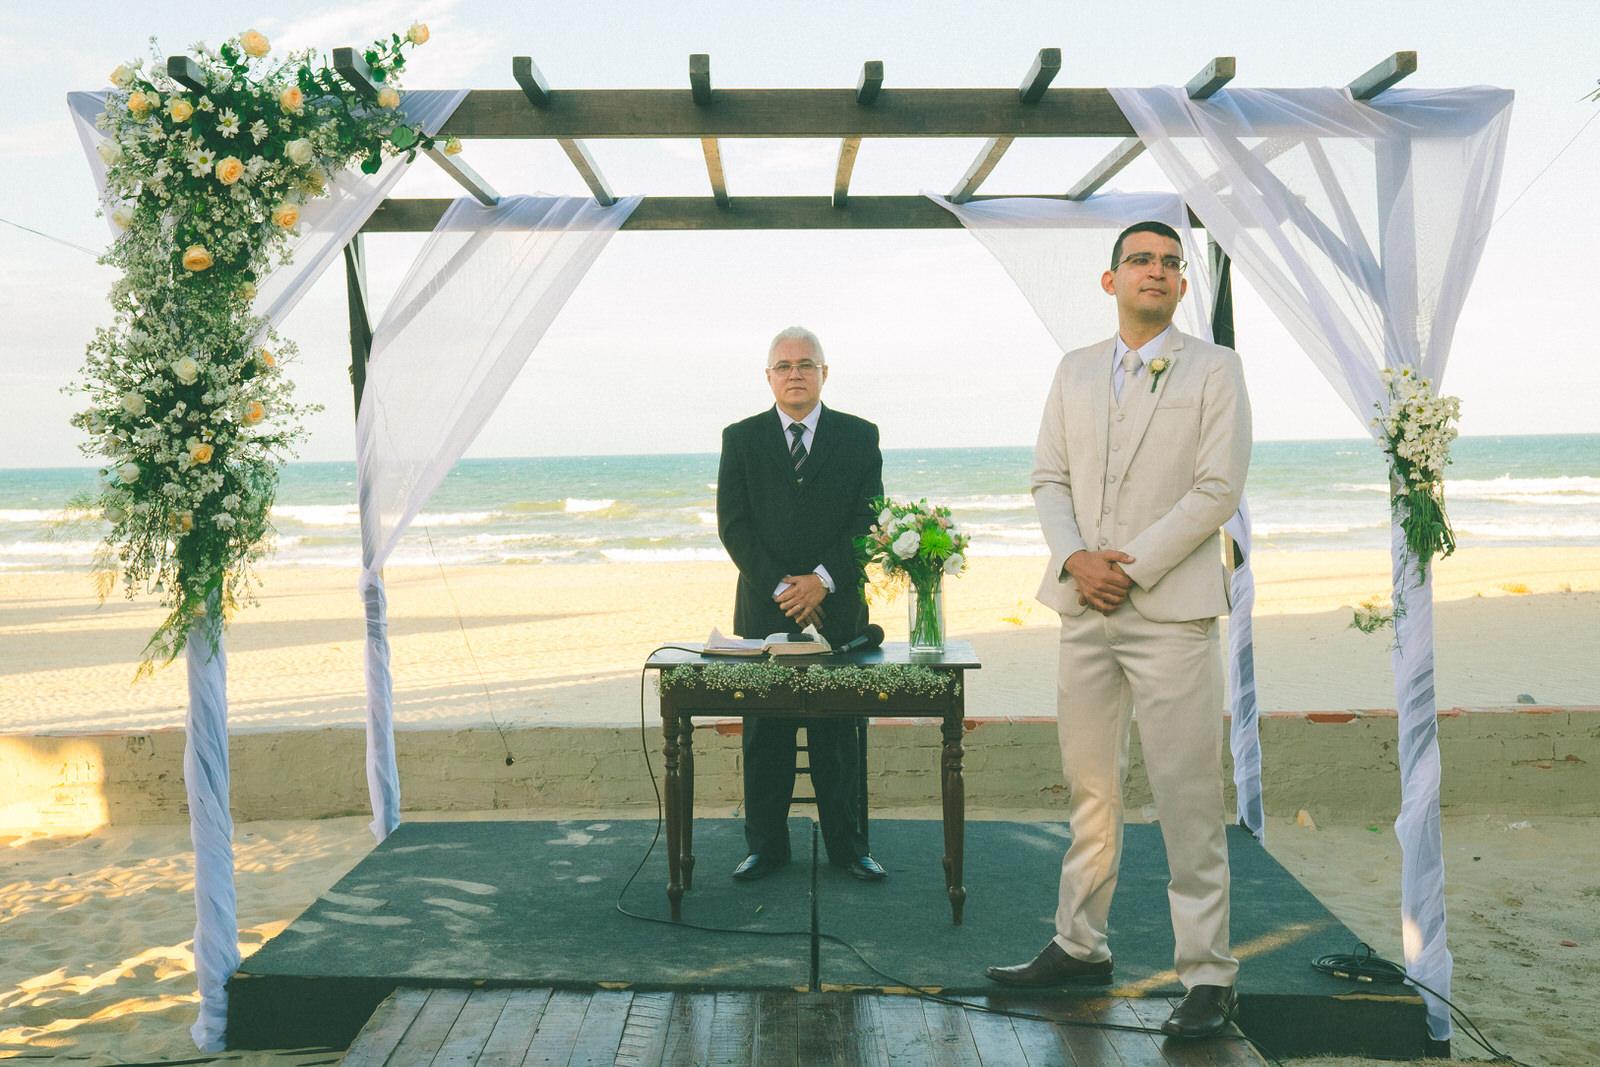 casamento-em-barraca-solarium-praia-do-futuro-4